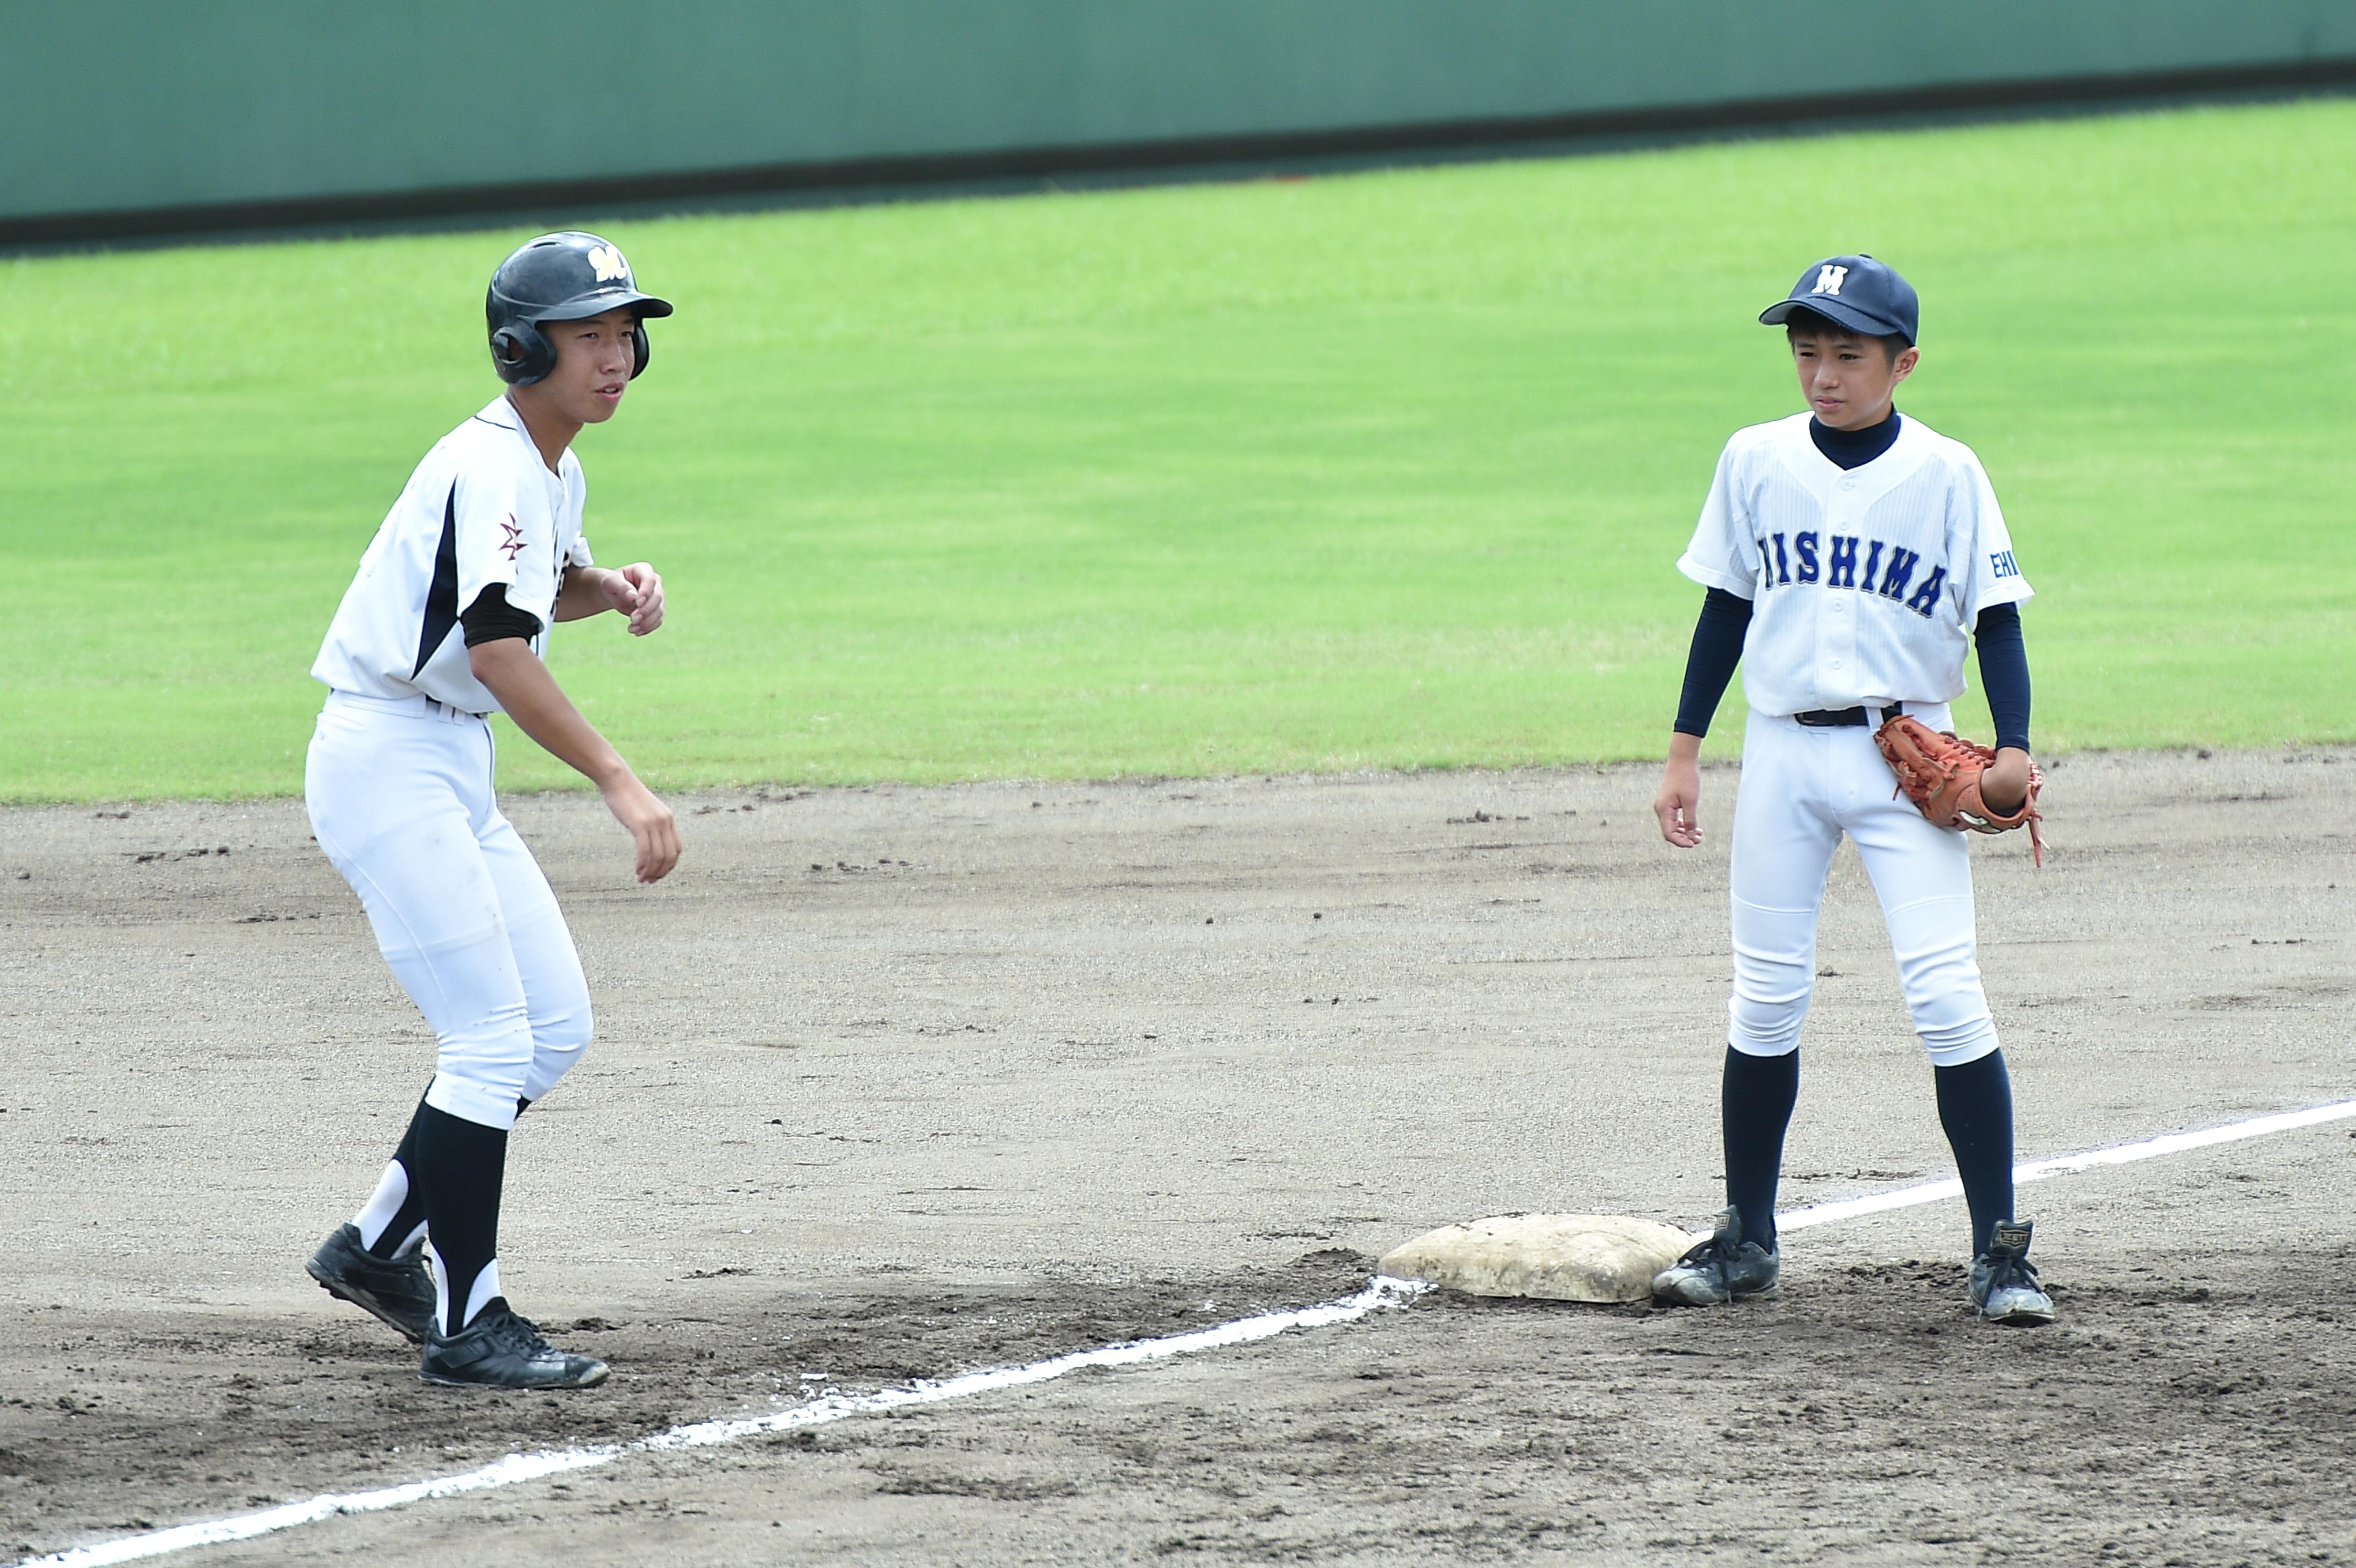 軟式野球 (3)